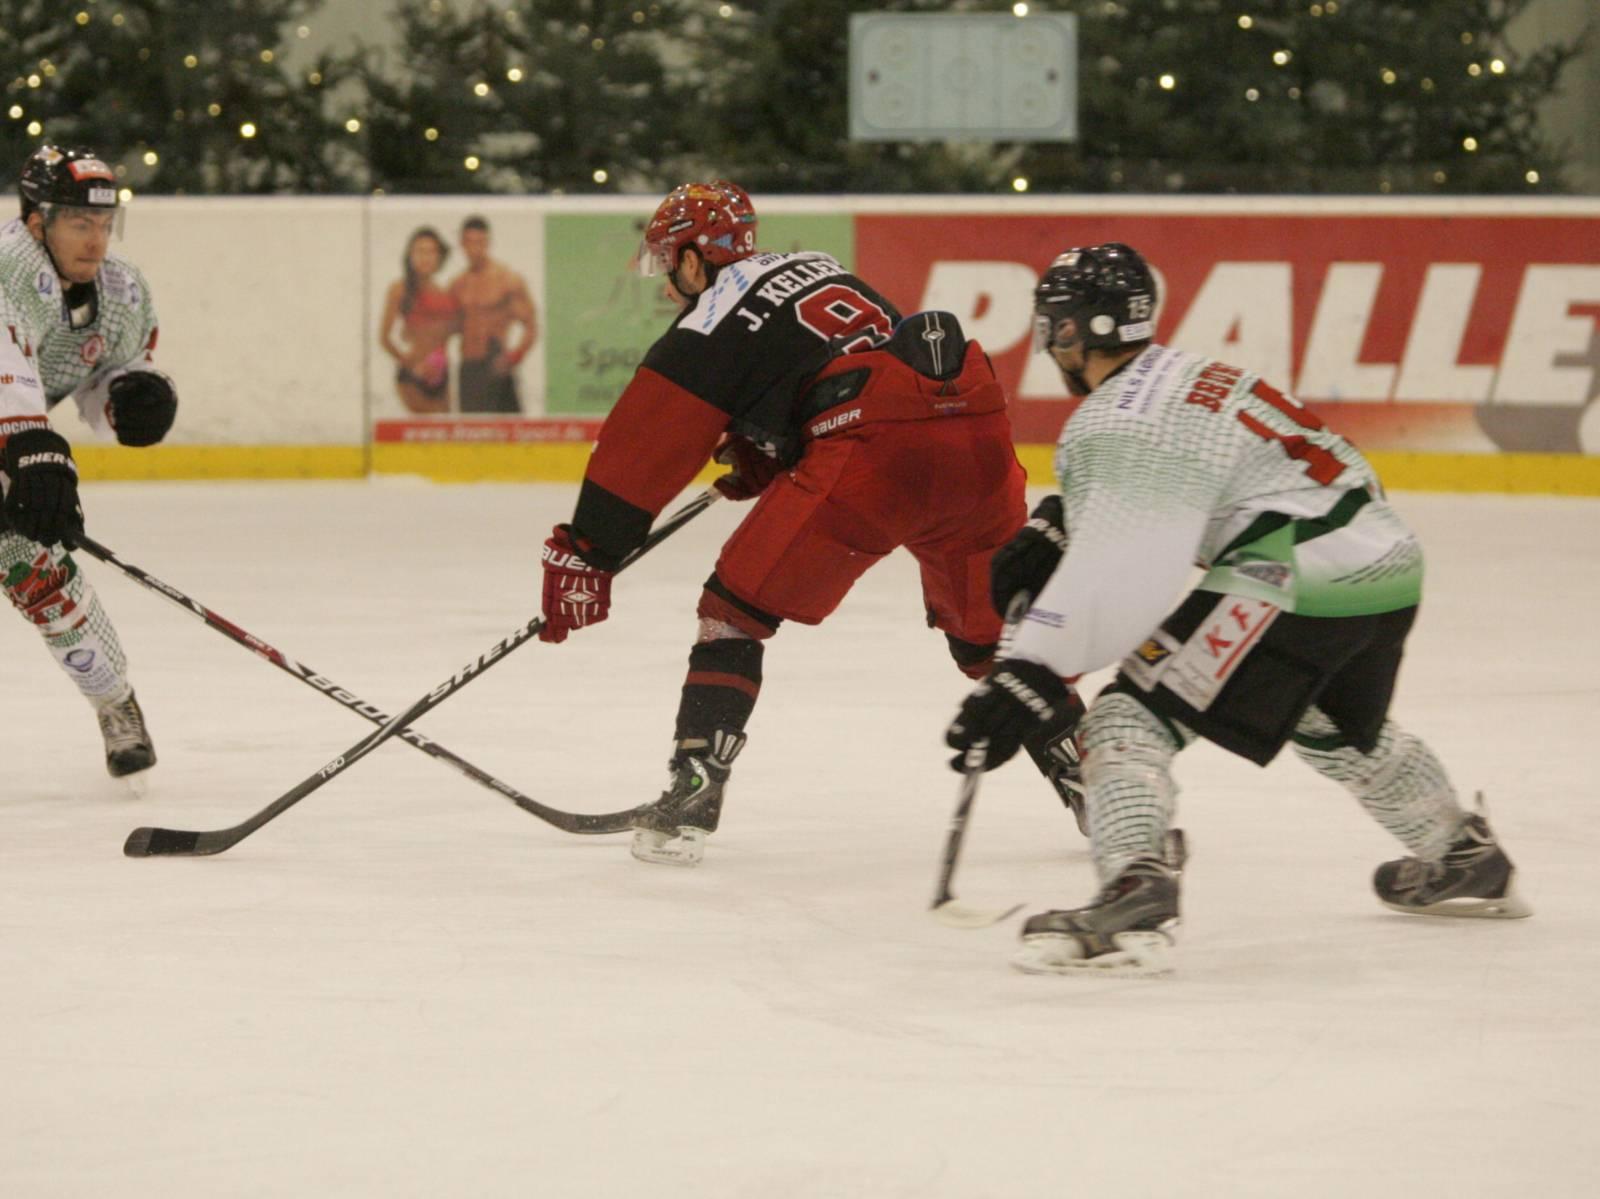 Drei Eishockeyspieler kämpfen um den Puck.